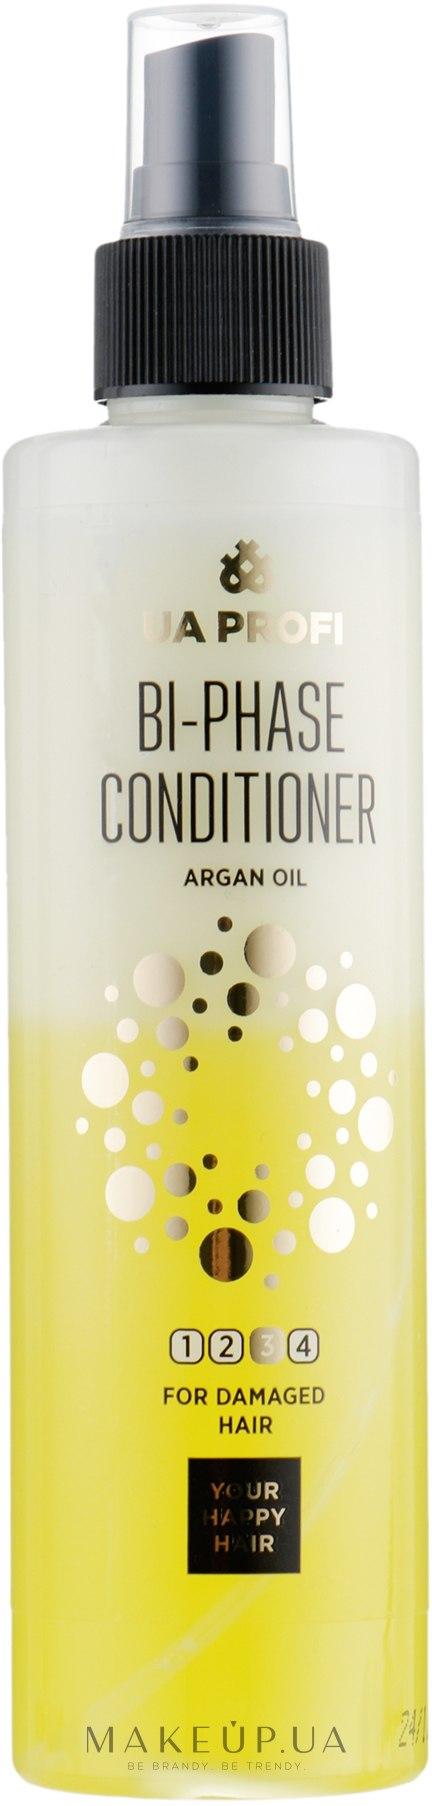 Двухфазный кондиционер для волос - UA Profi Bi-Phase Conditioner Argan Oil And Keratin — фото 250ml